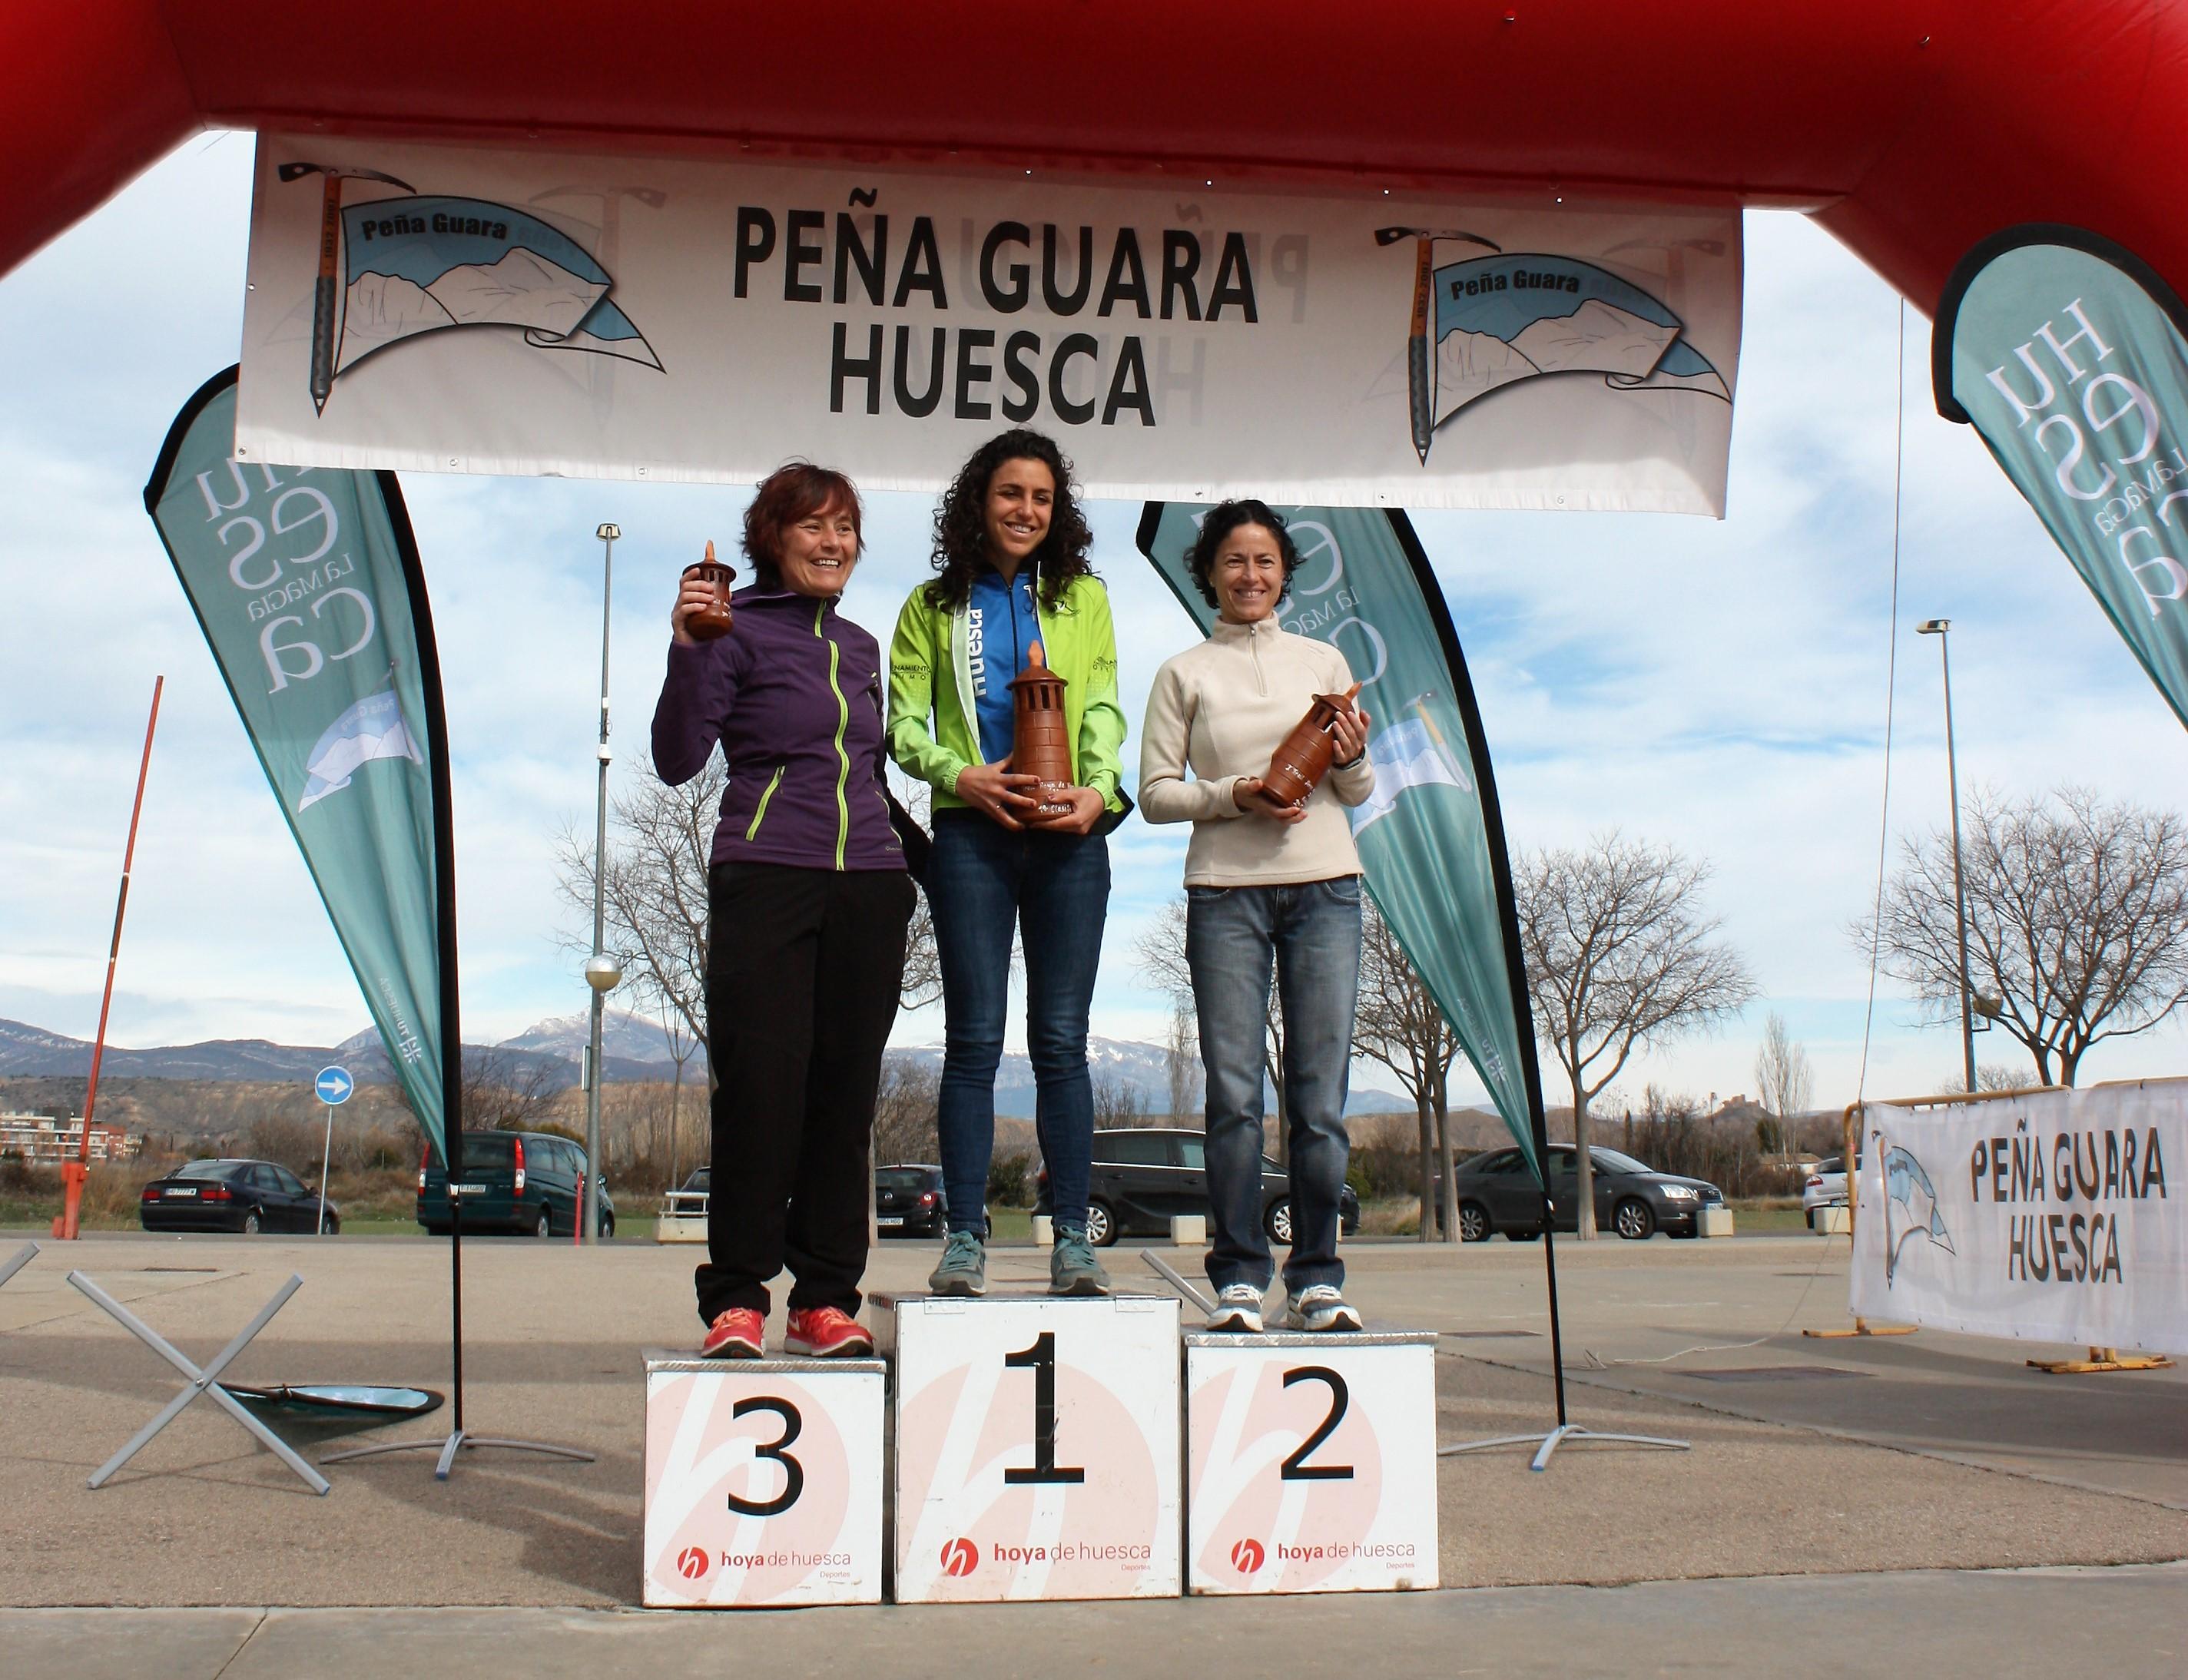 Podium femenino (de izquierda a derecha) - Eva Calvo (3), Sara Guérin (1), Marta Cortes (2)